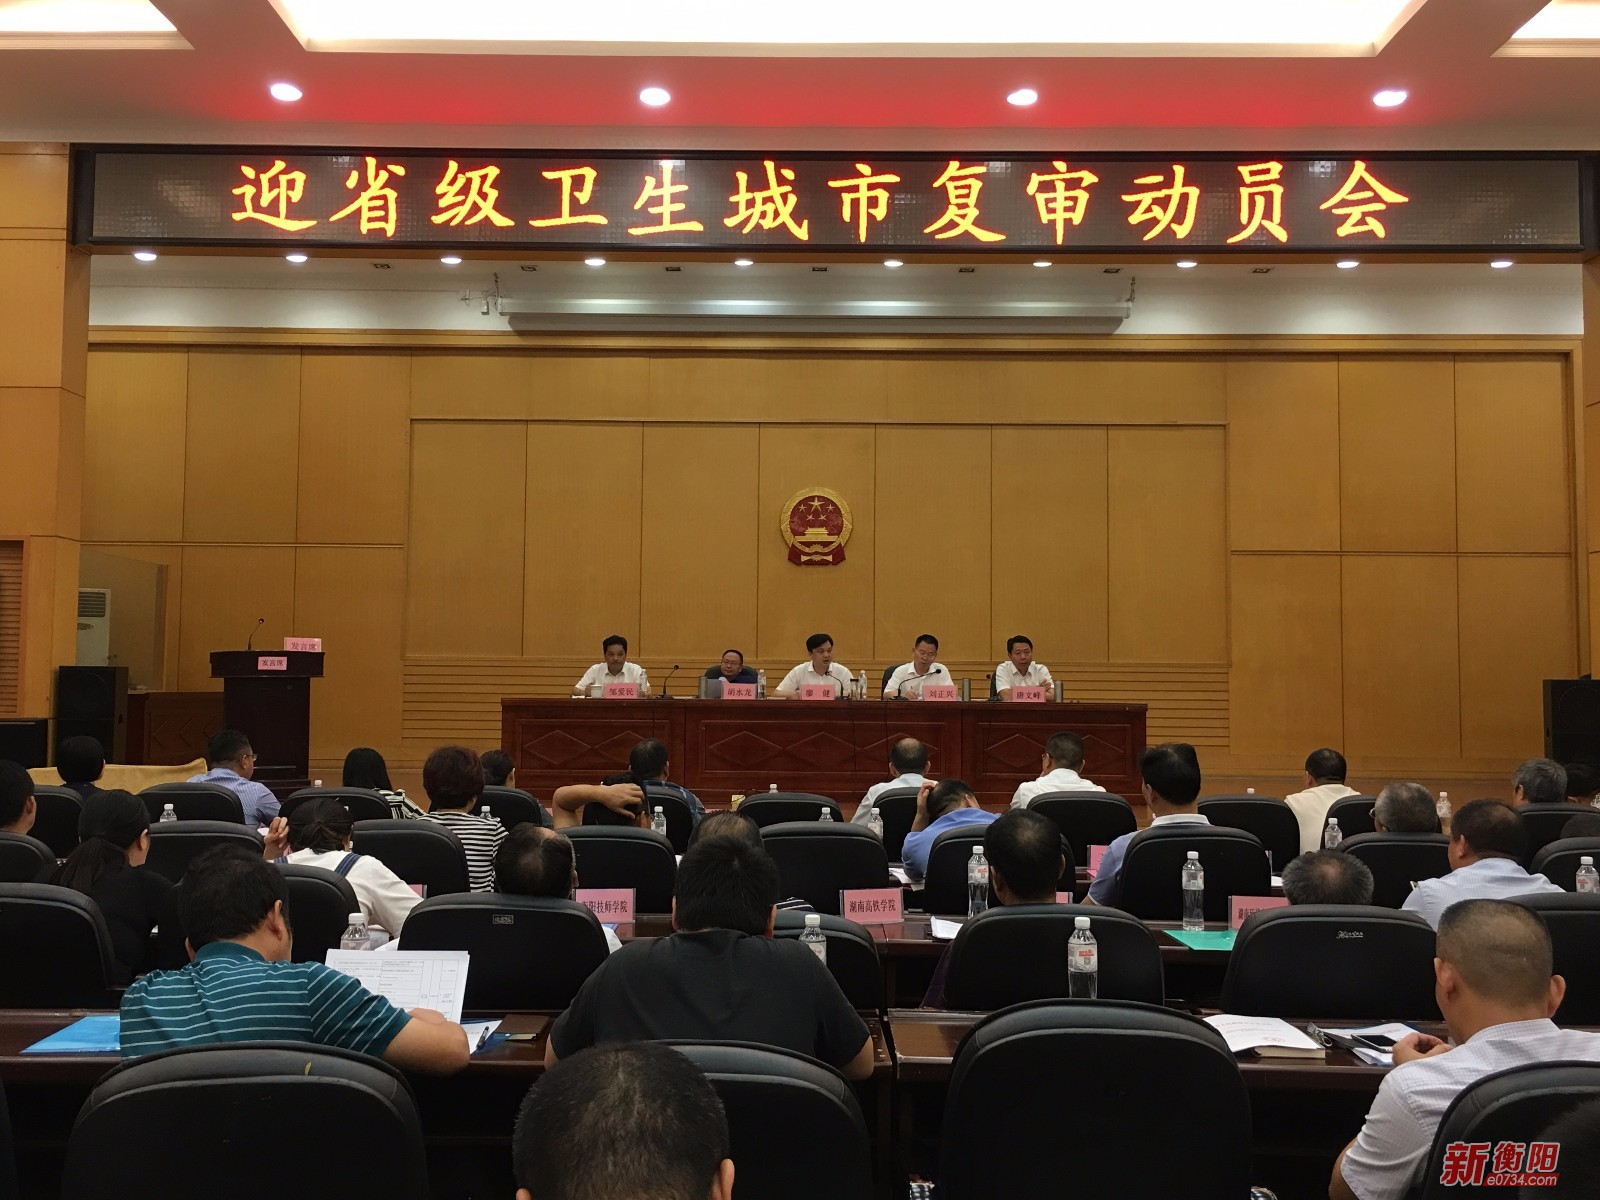 衡阳市全面部署安排省级卫生城市复审迎检工作